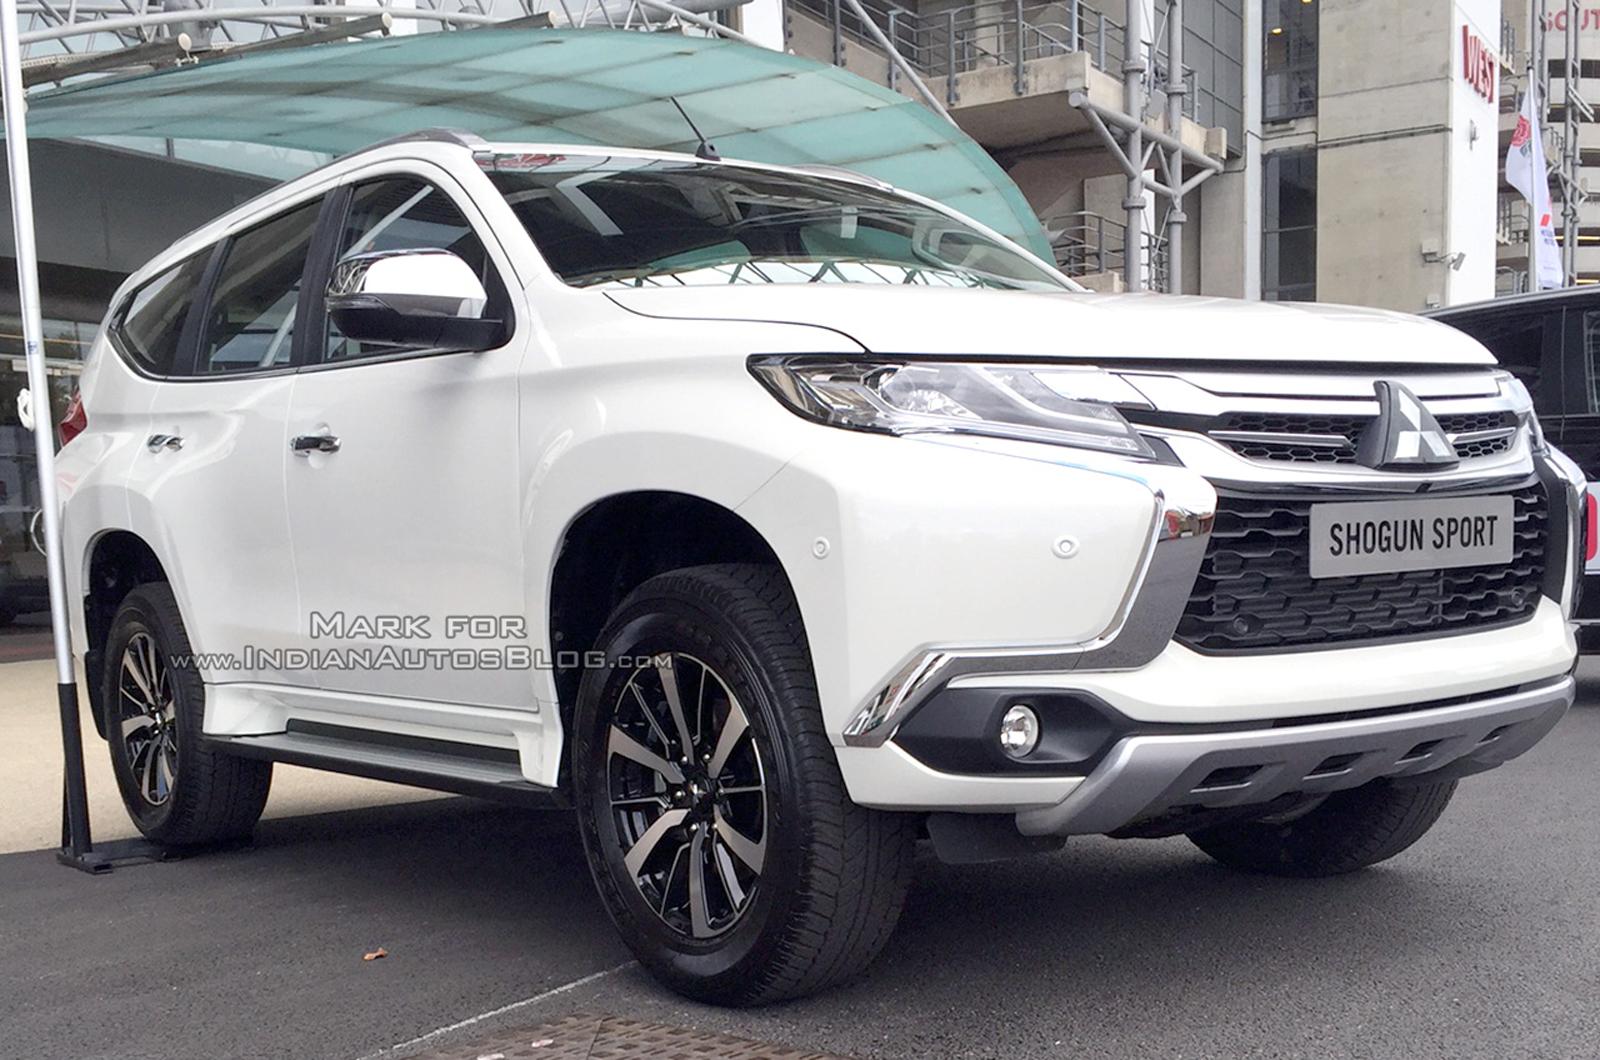 Mitsubishi Shogun Sport поступит в продажу в Великобритании в январе